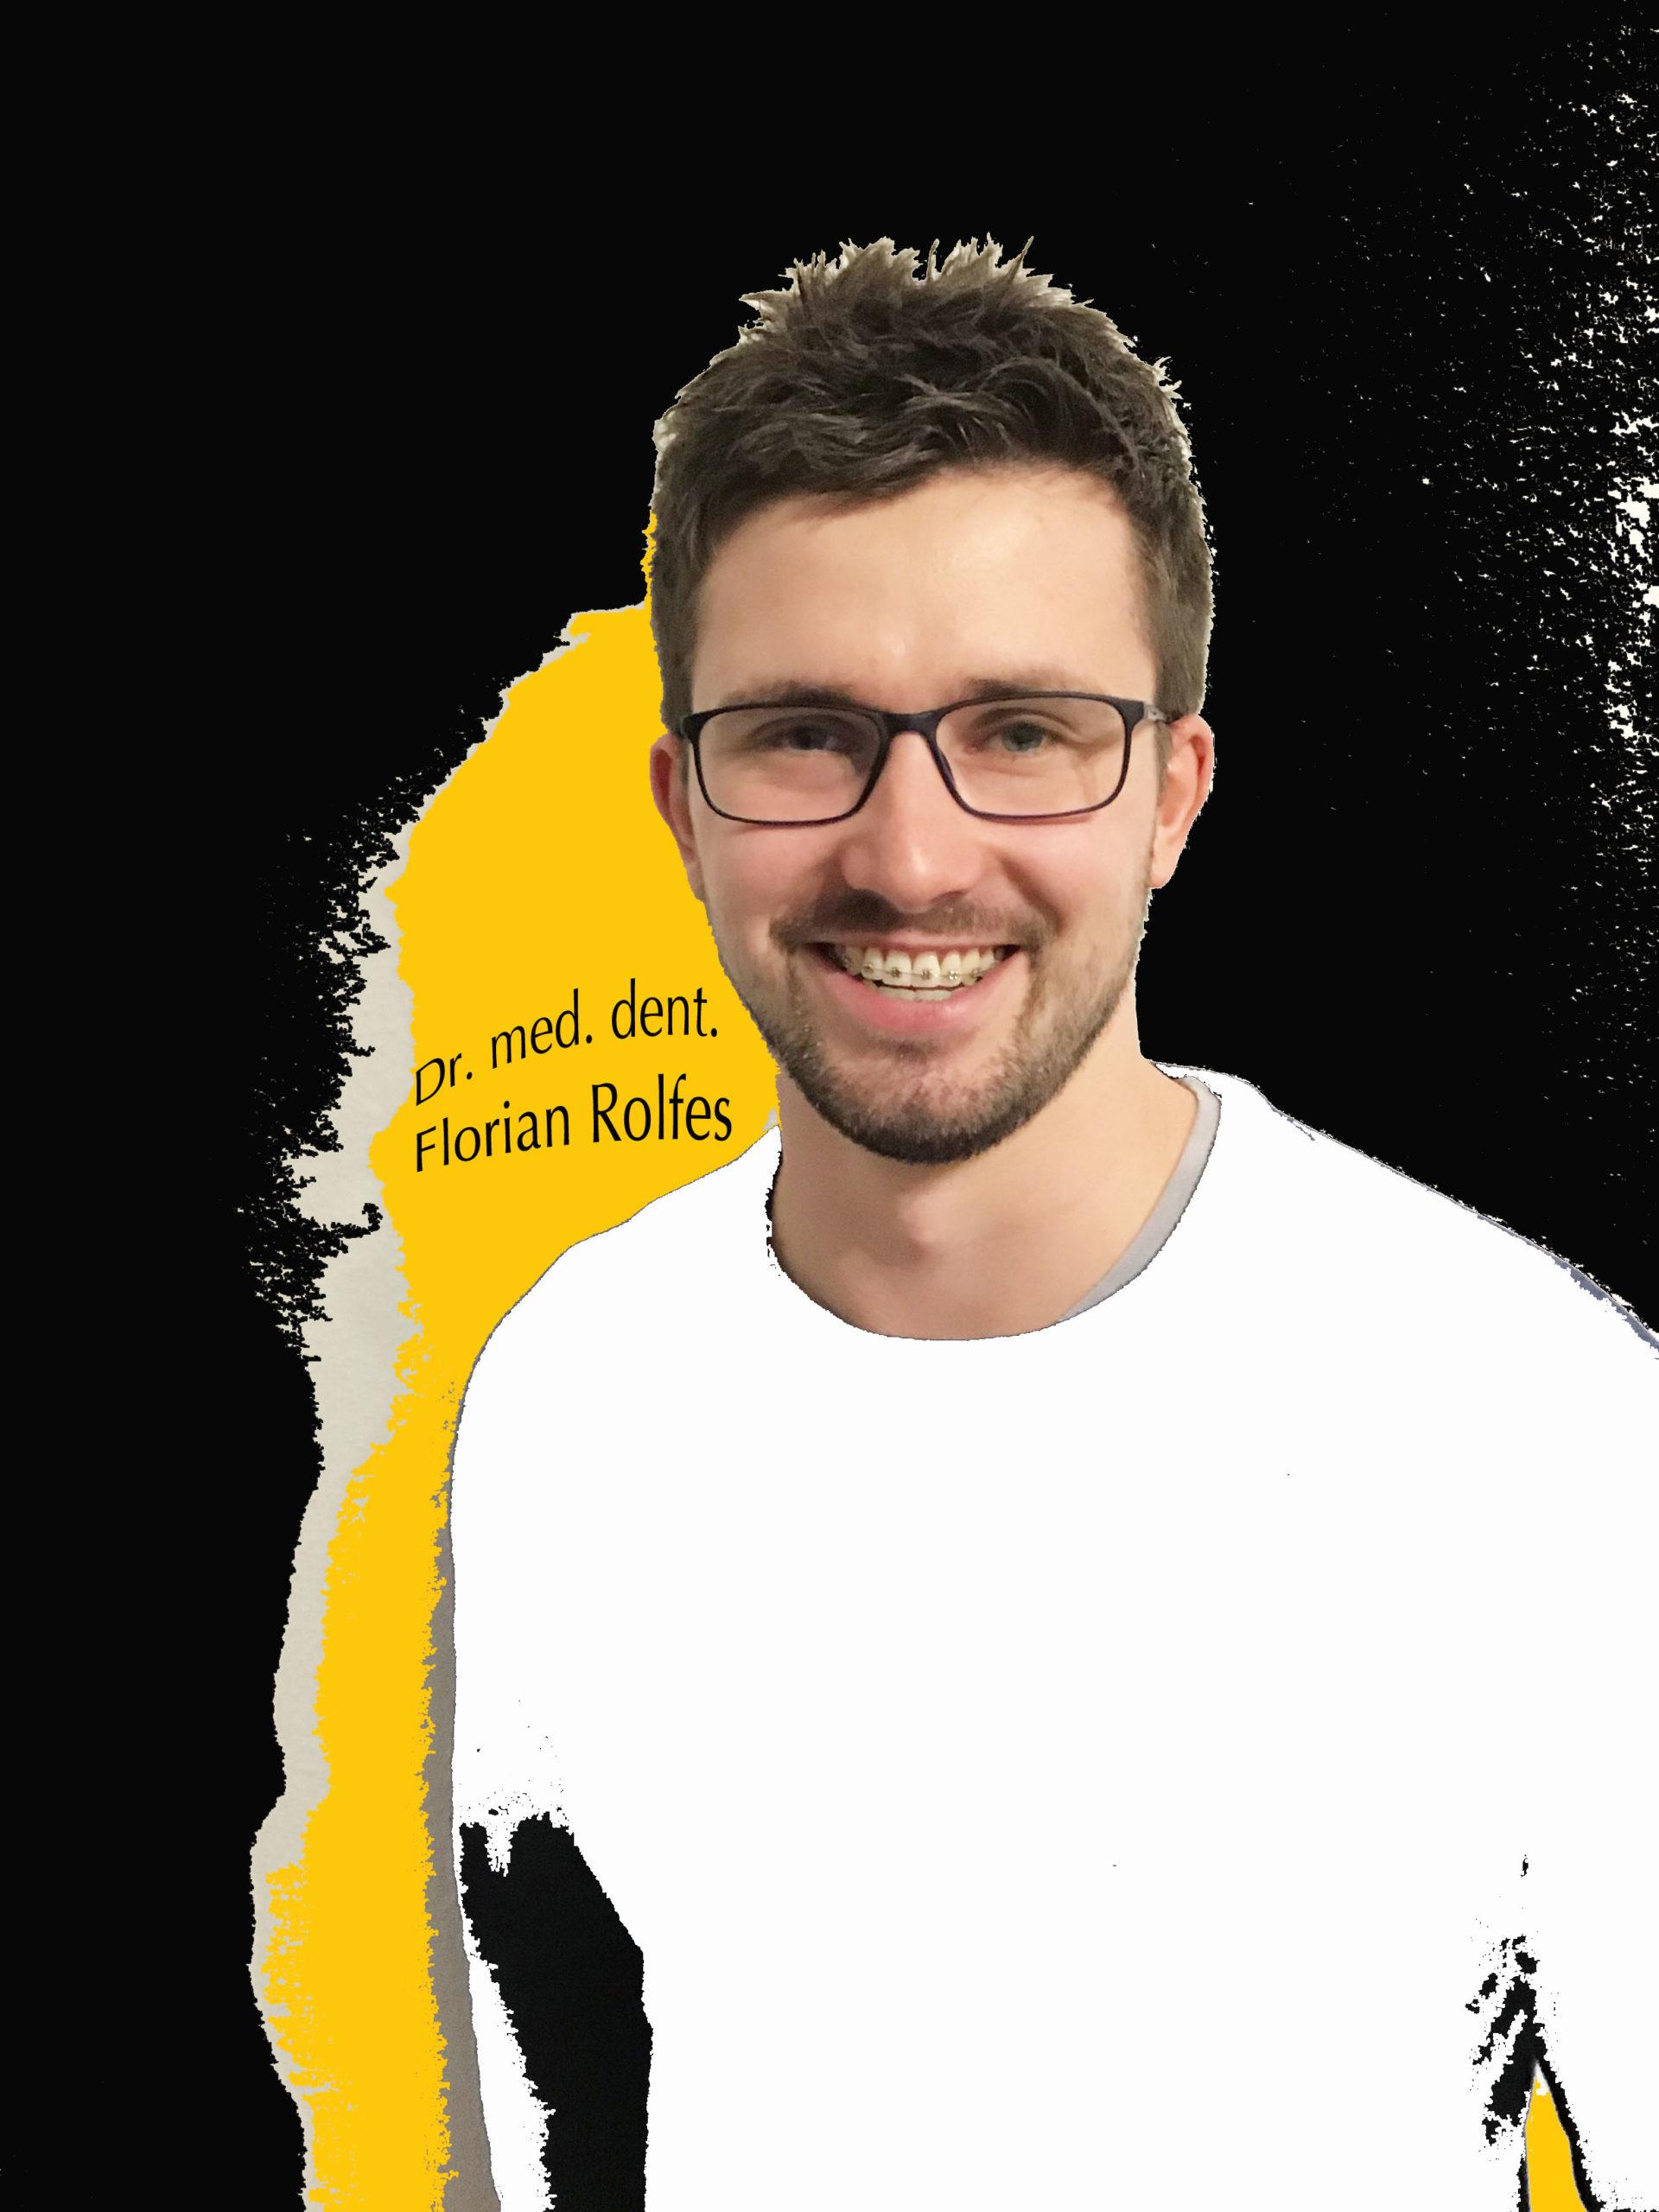 Dr. med. dent Florian Rolfes behandelt bei Patienten von ALL DENTE kieferorthopädische Fehlstellungen.